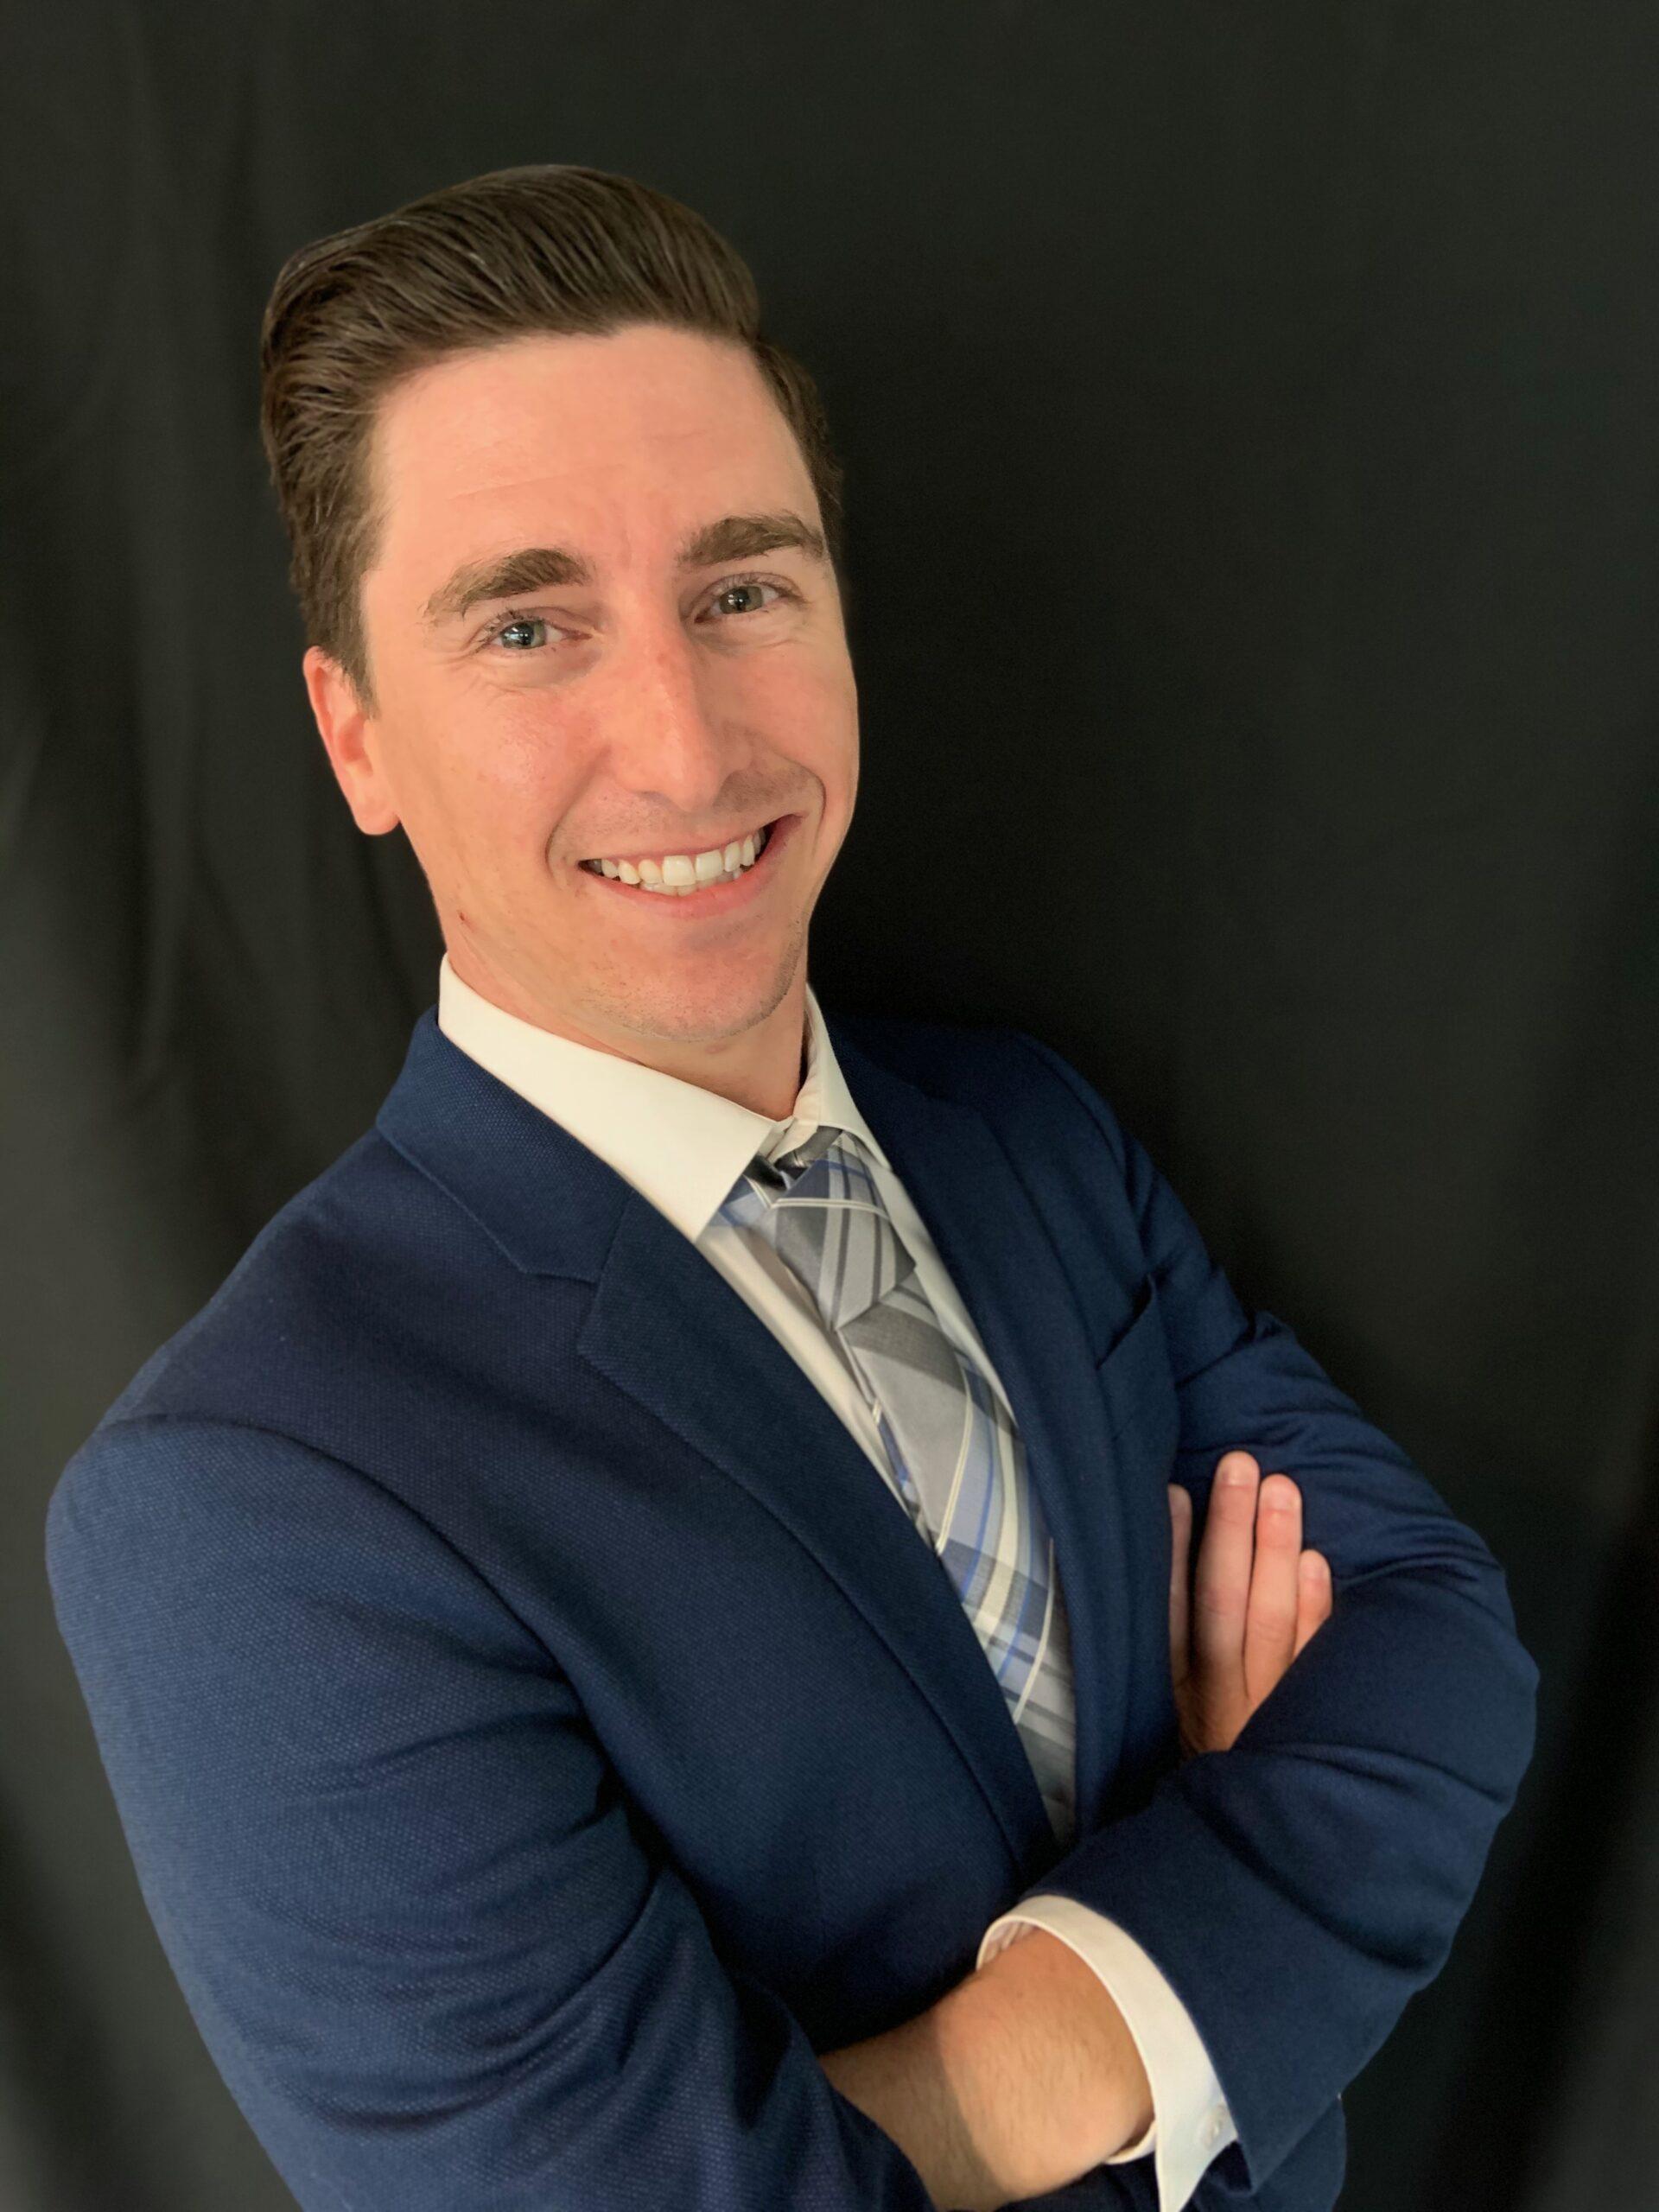 Matt Slimmer, Attorney